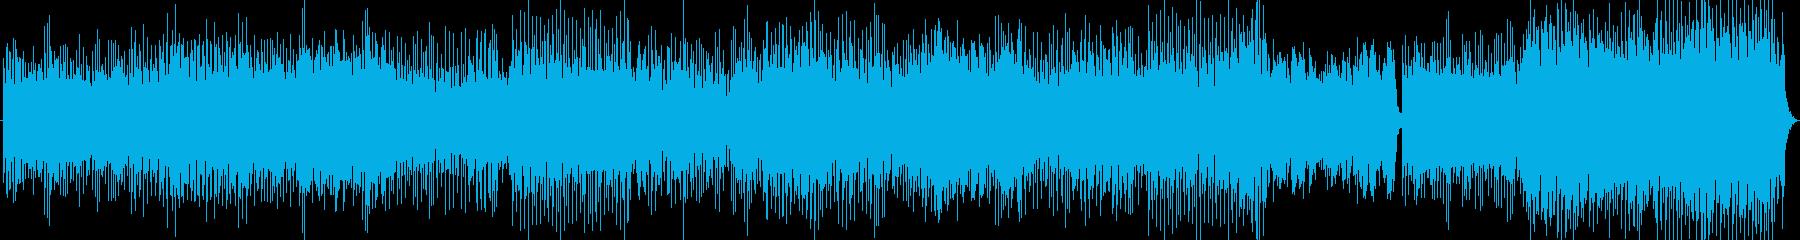 爽やか男性ボーカルのトロピカルハウスの再生済みの波形